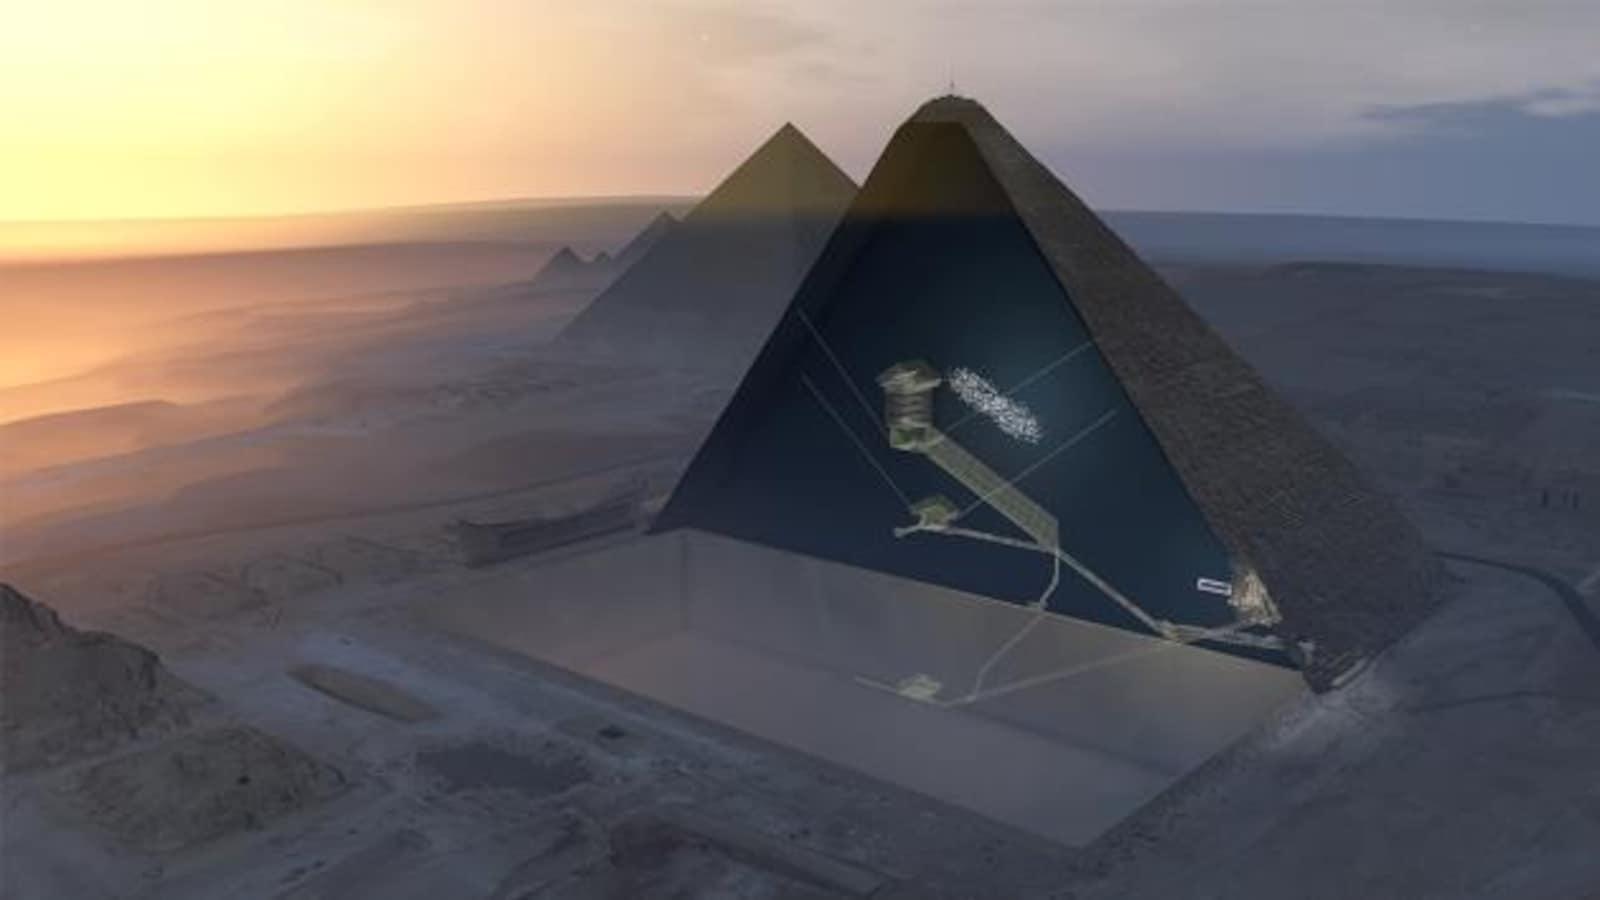 Représentation numérique de la salle découverte dans la pyramide de Khéops. Il s'agit de la zone grisée un peu à droite du centre du monument.